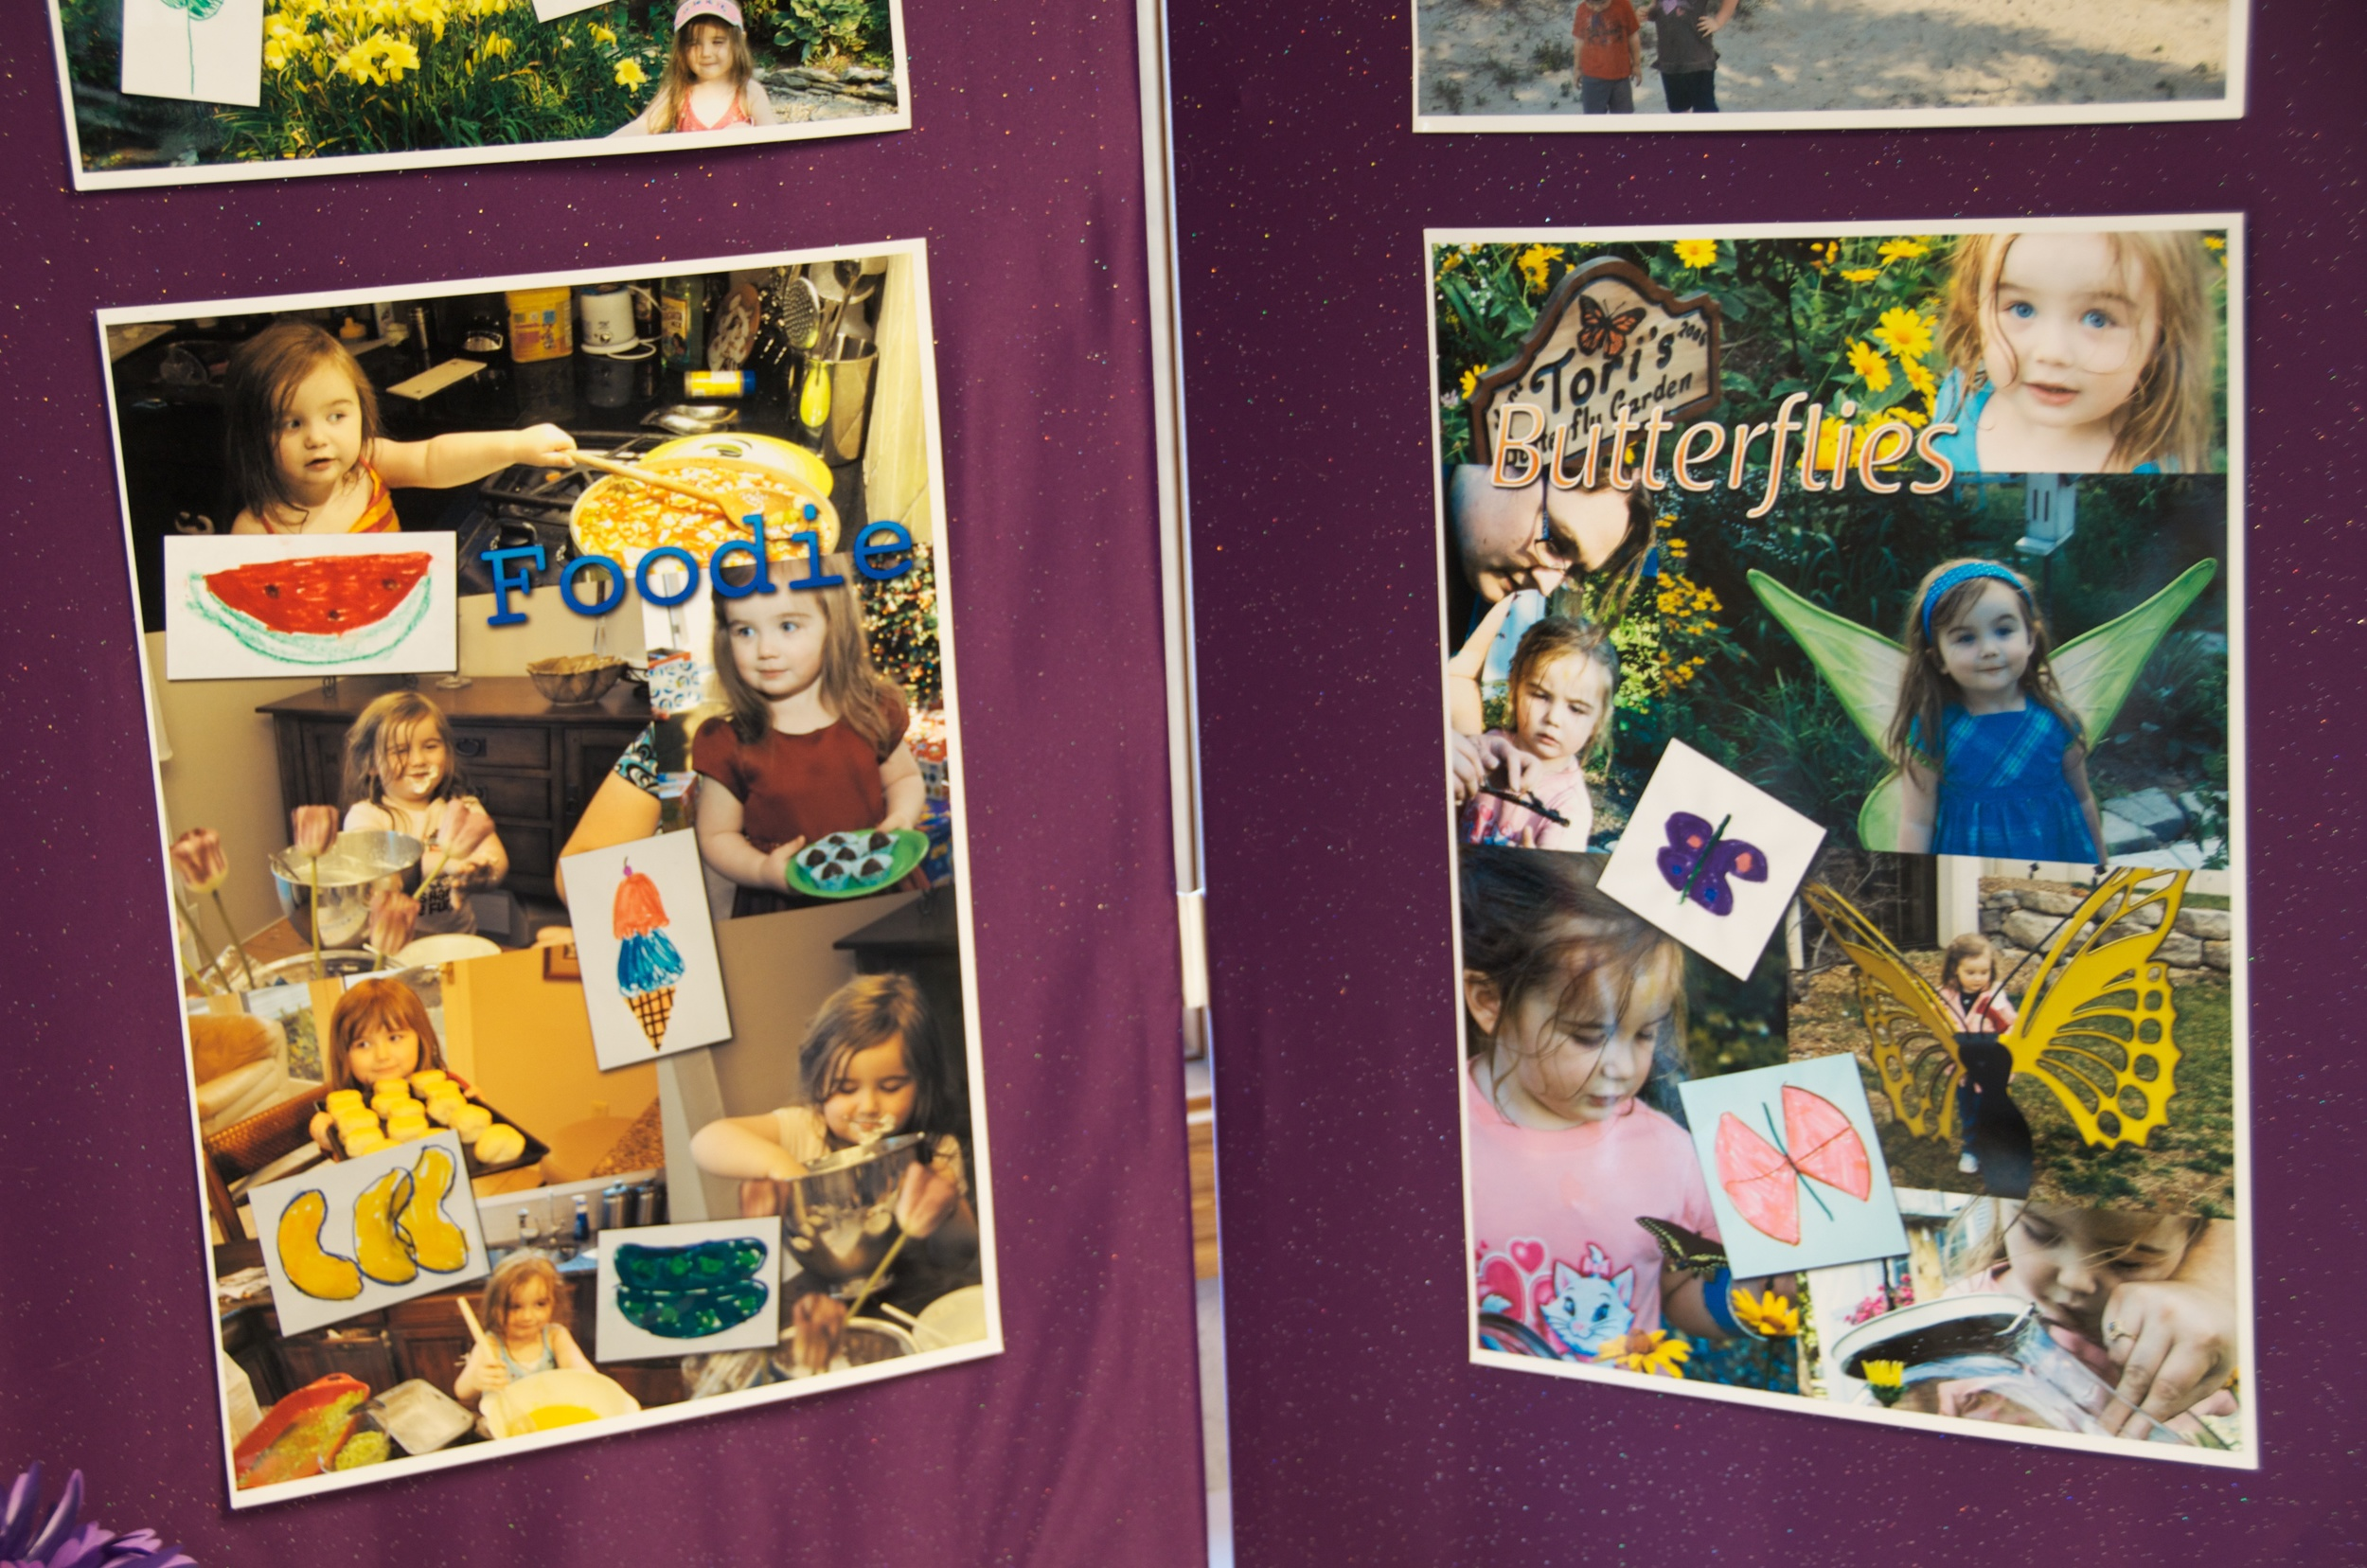 Art Dinner 9 10 2011  94840 - 2011-09-10 at 02-33-42.jpg